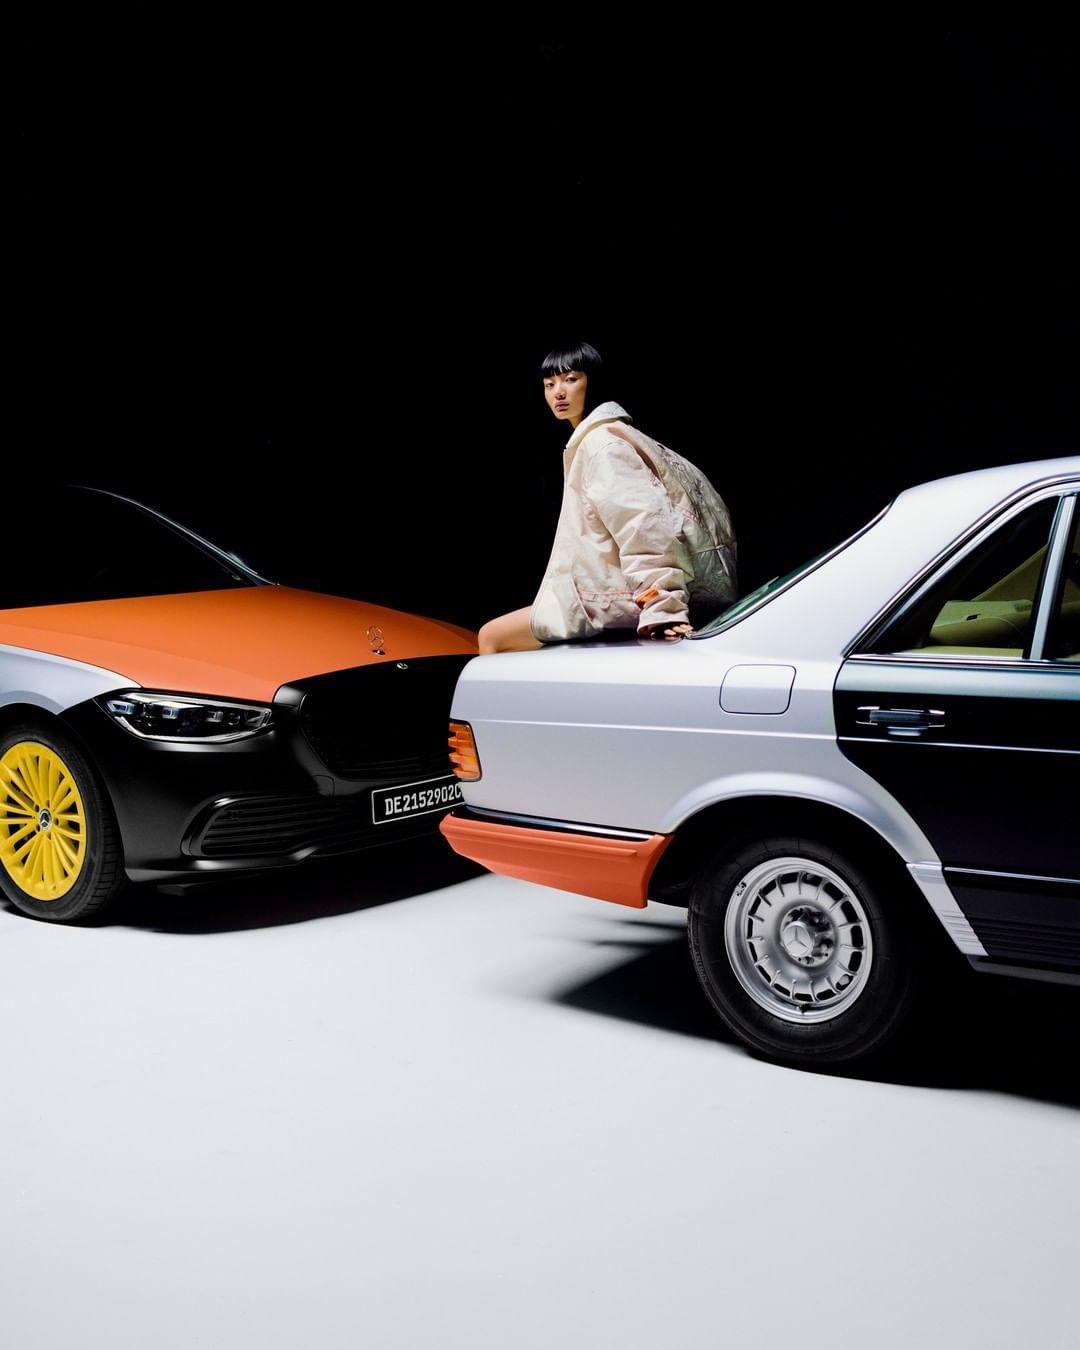 """奔驰与当红潮牌设计师 Heron Preston 合作推出服装系列,面料来自""""安全气囊"""""""